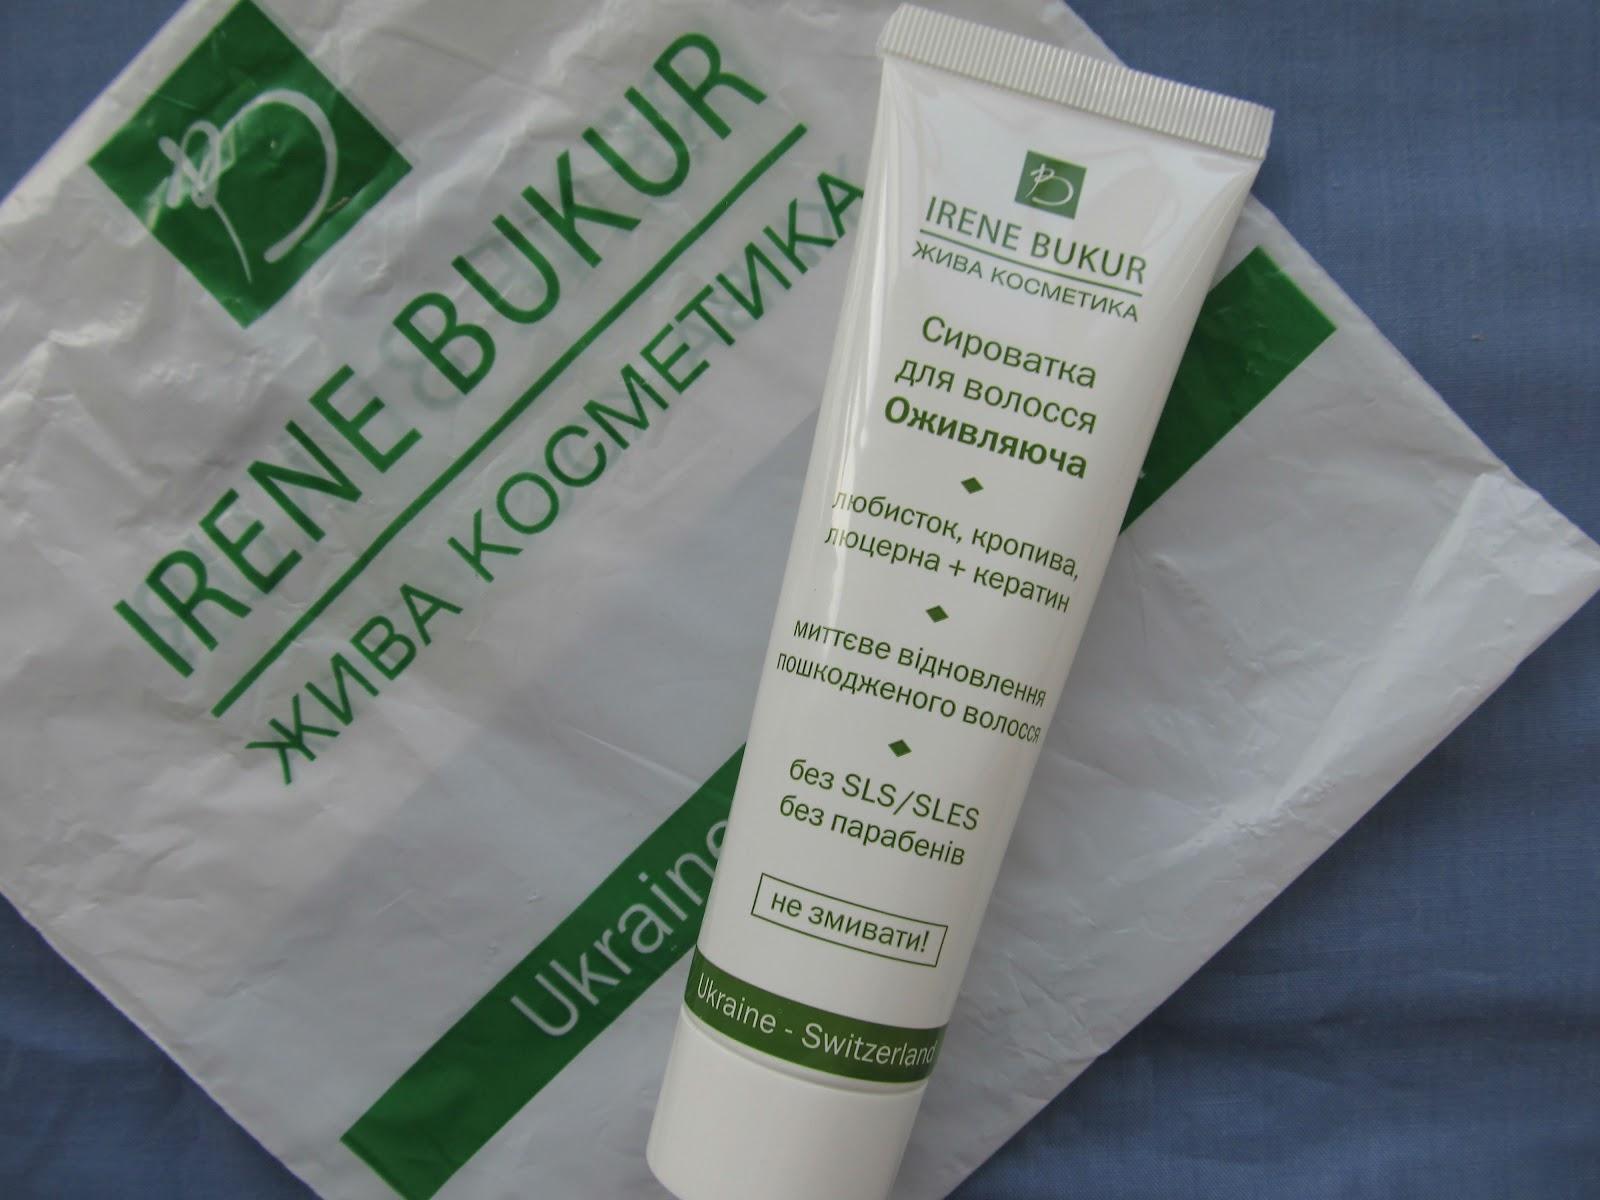 жива косметика бренду Ірен Букур - сироватка Оживляюча для волосся